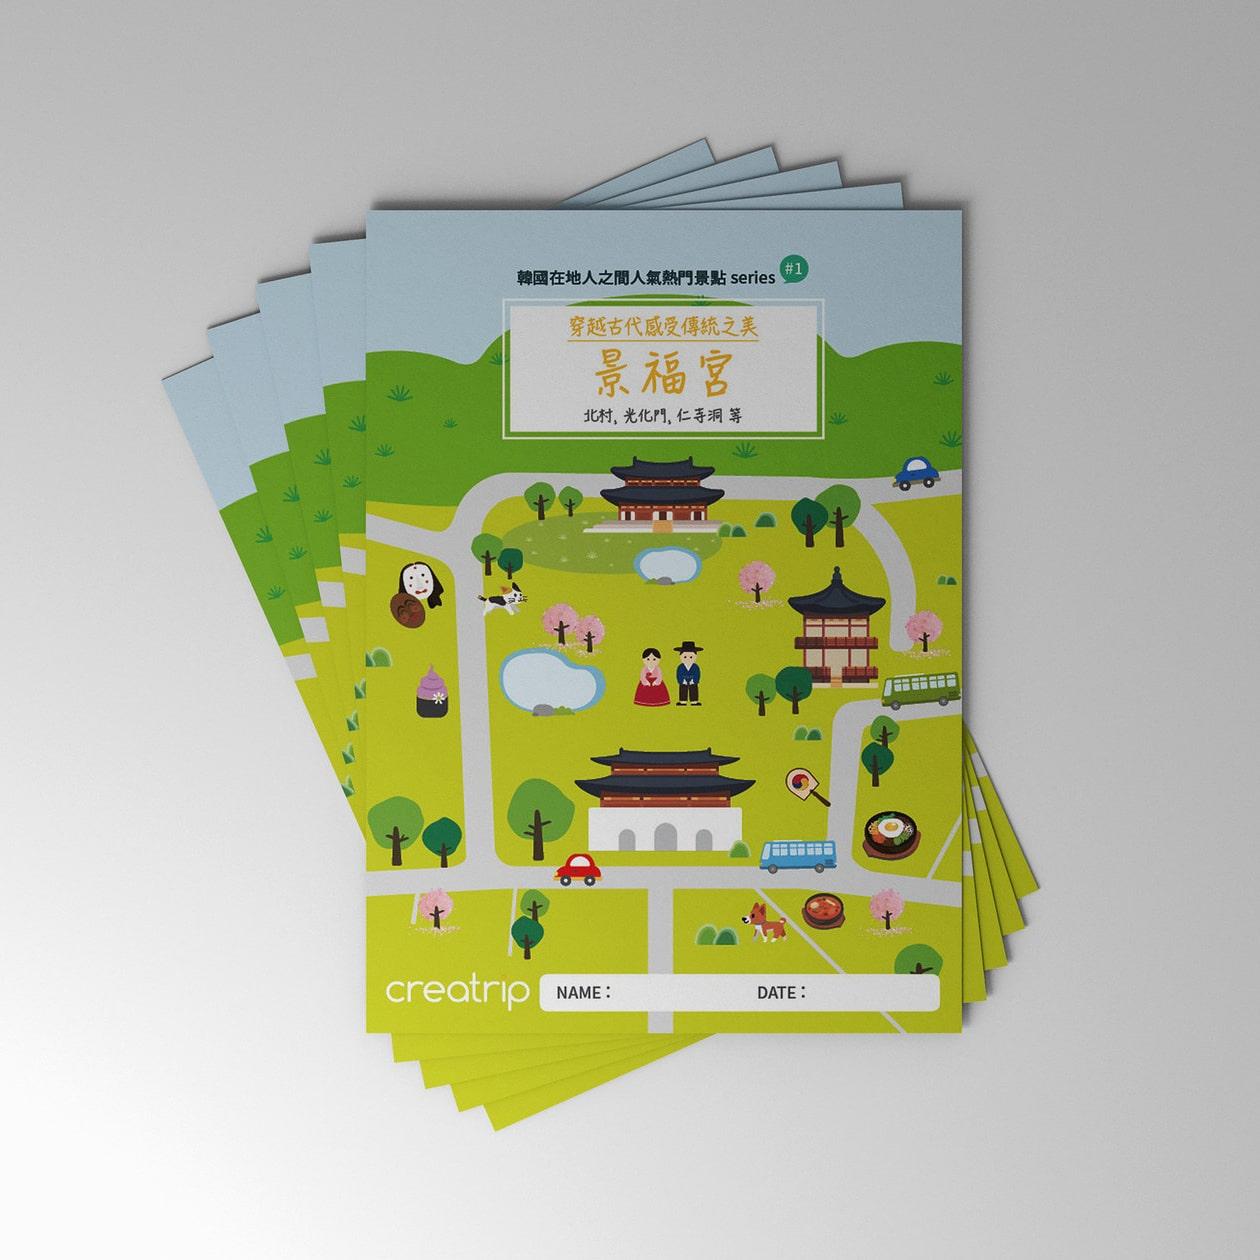 크리에이트립 관광 안내 지도 디자인 시안 - 크리에이트립